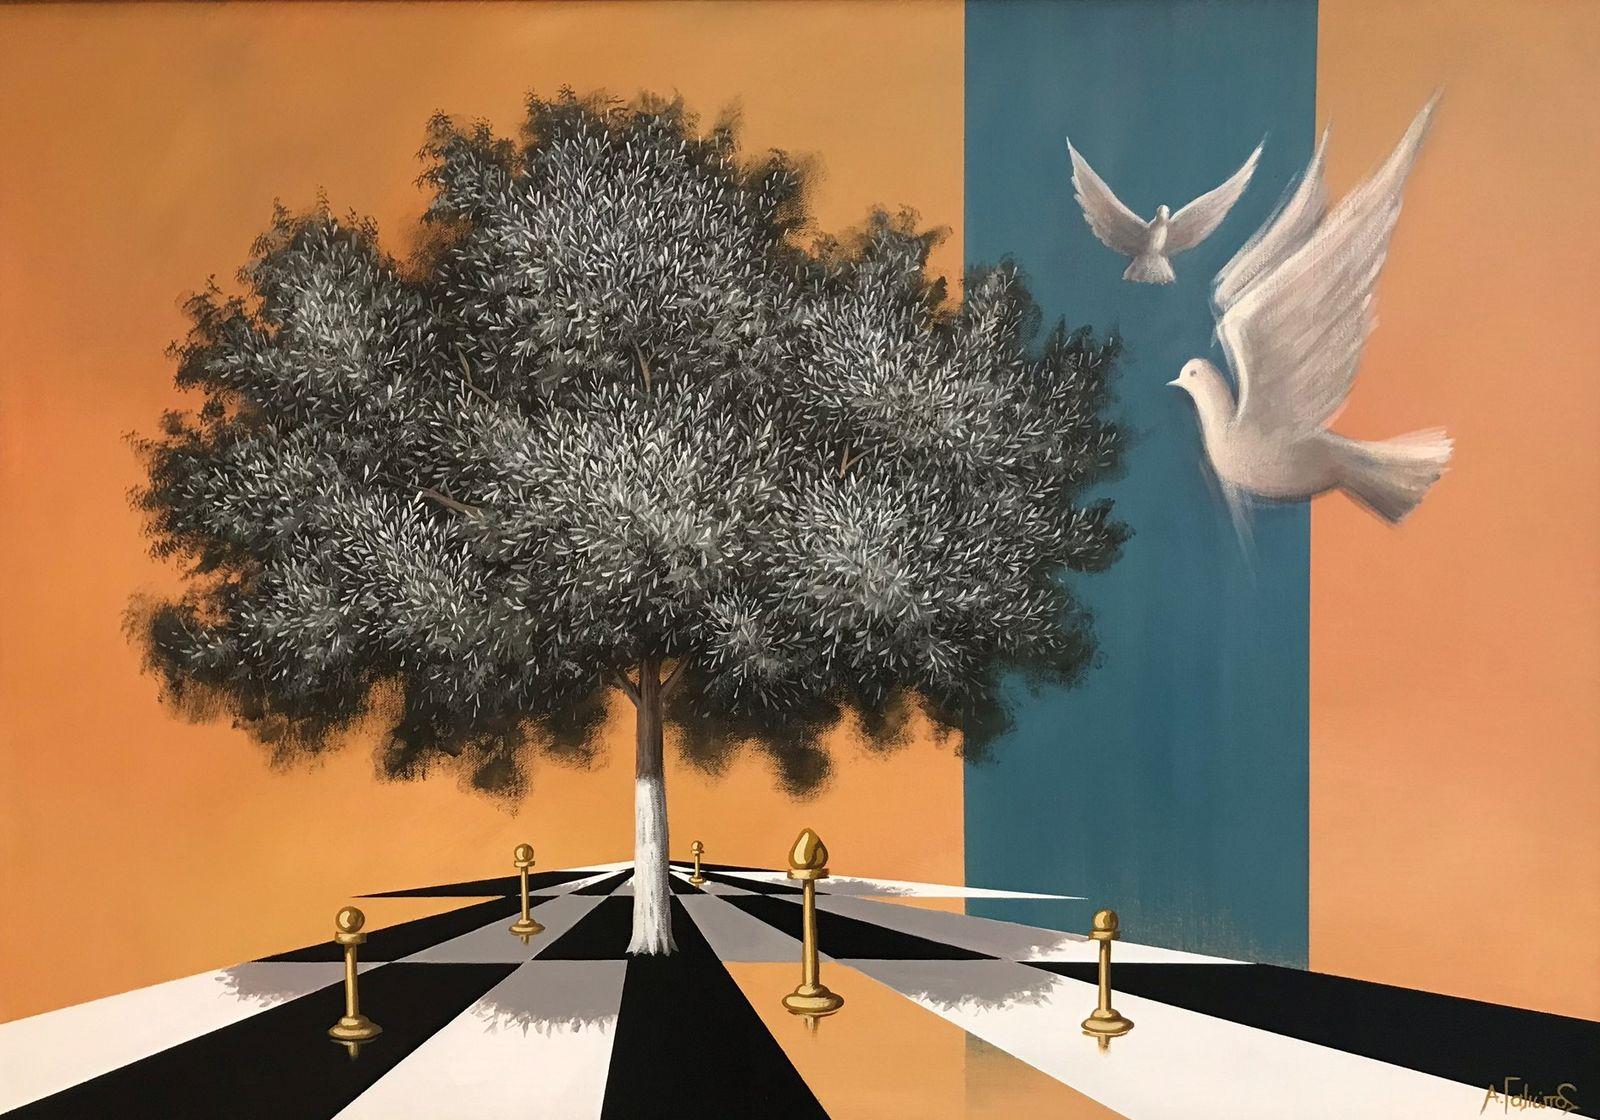 Ανδρέας Γαλιώτος 70×100 εκ. ακρυλικά σε καμβά Andreas Galiotos 70×100 cm Acrylics on canvas